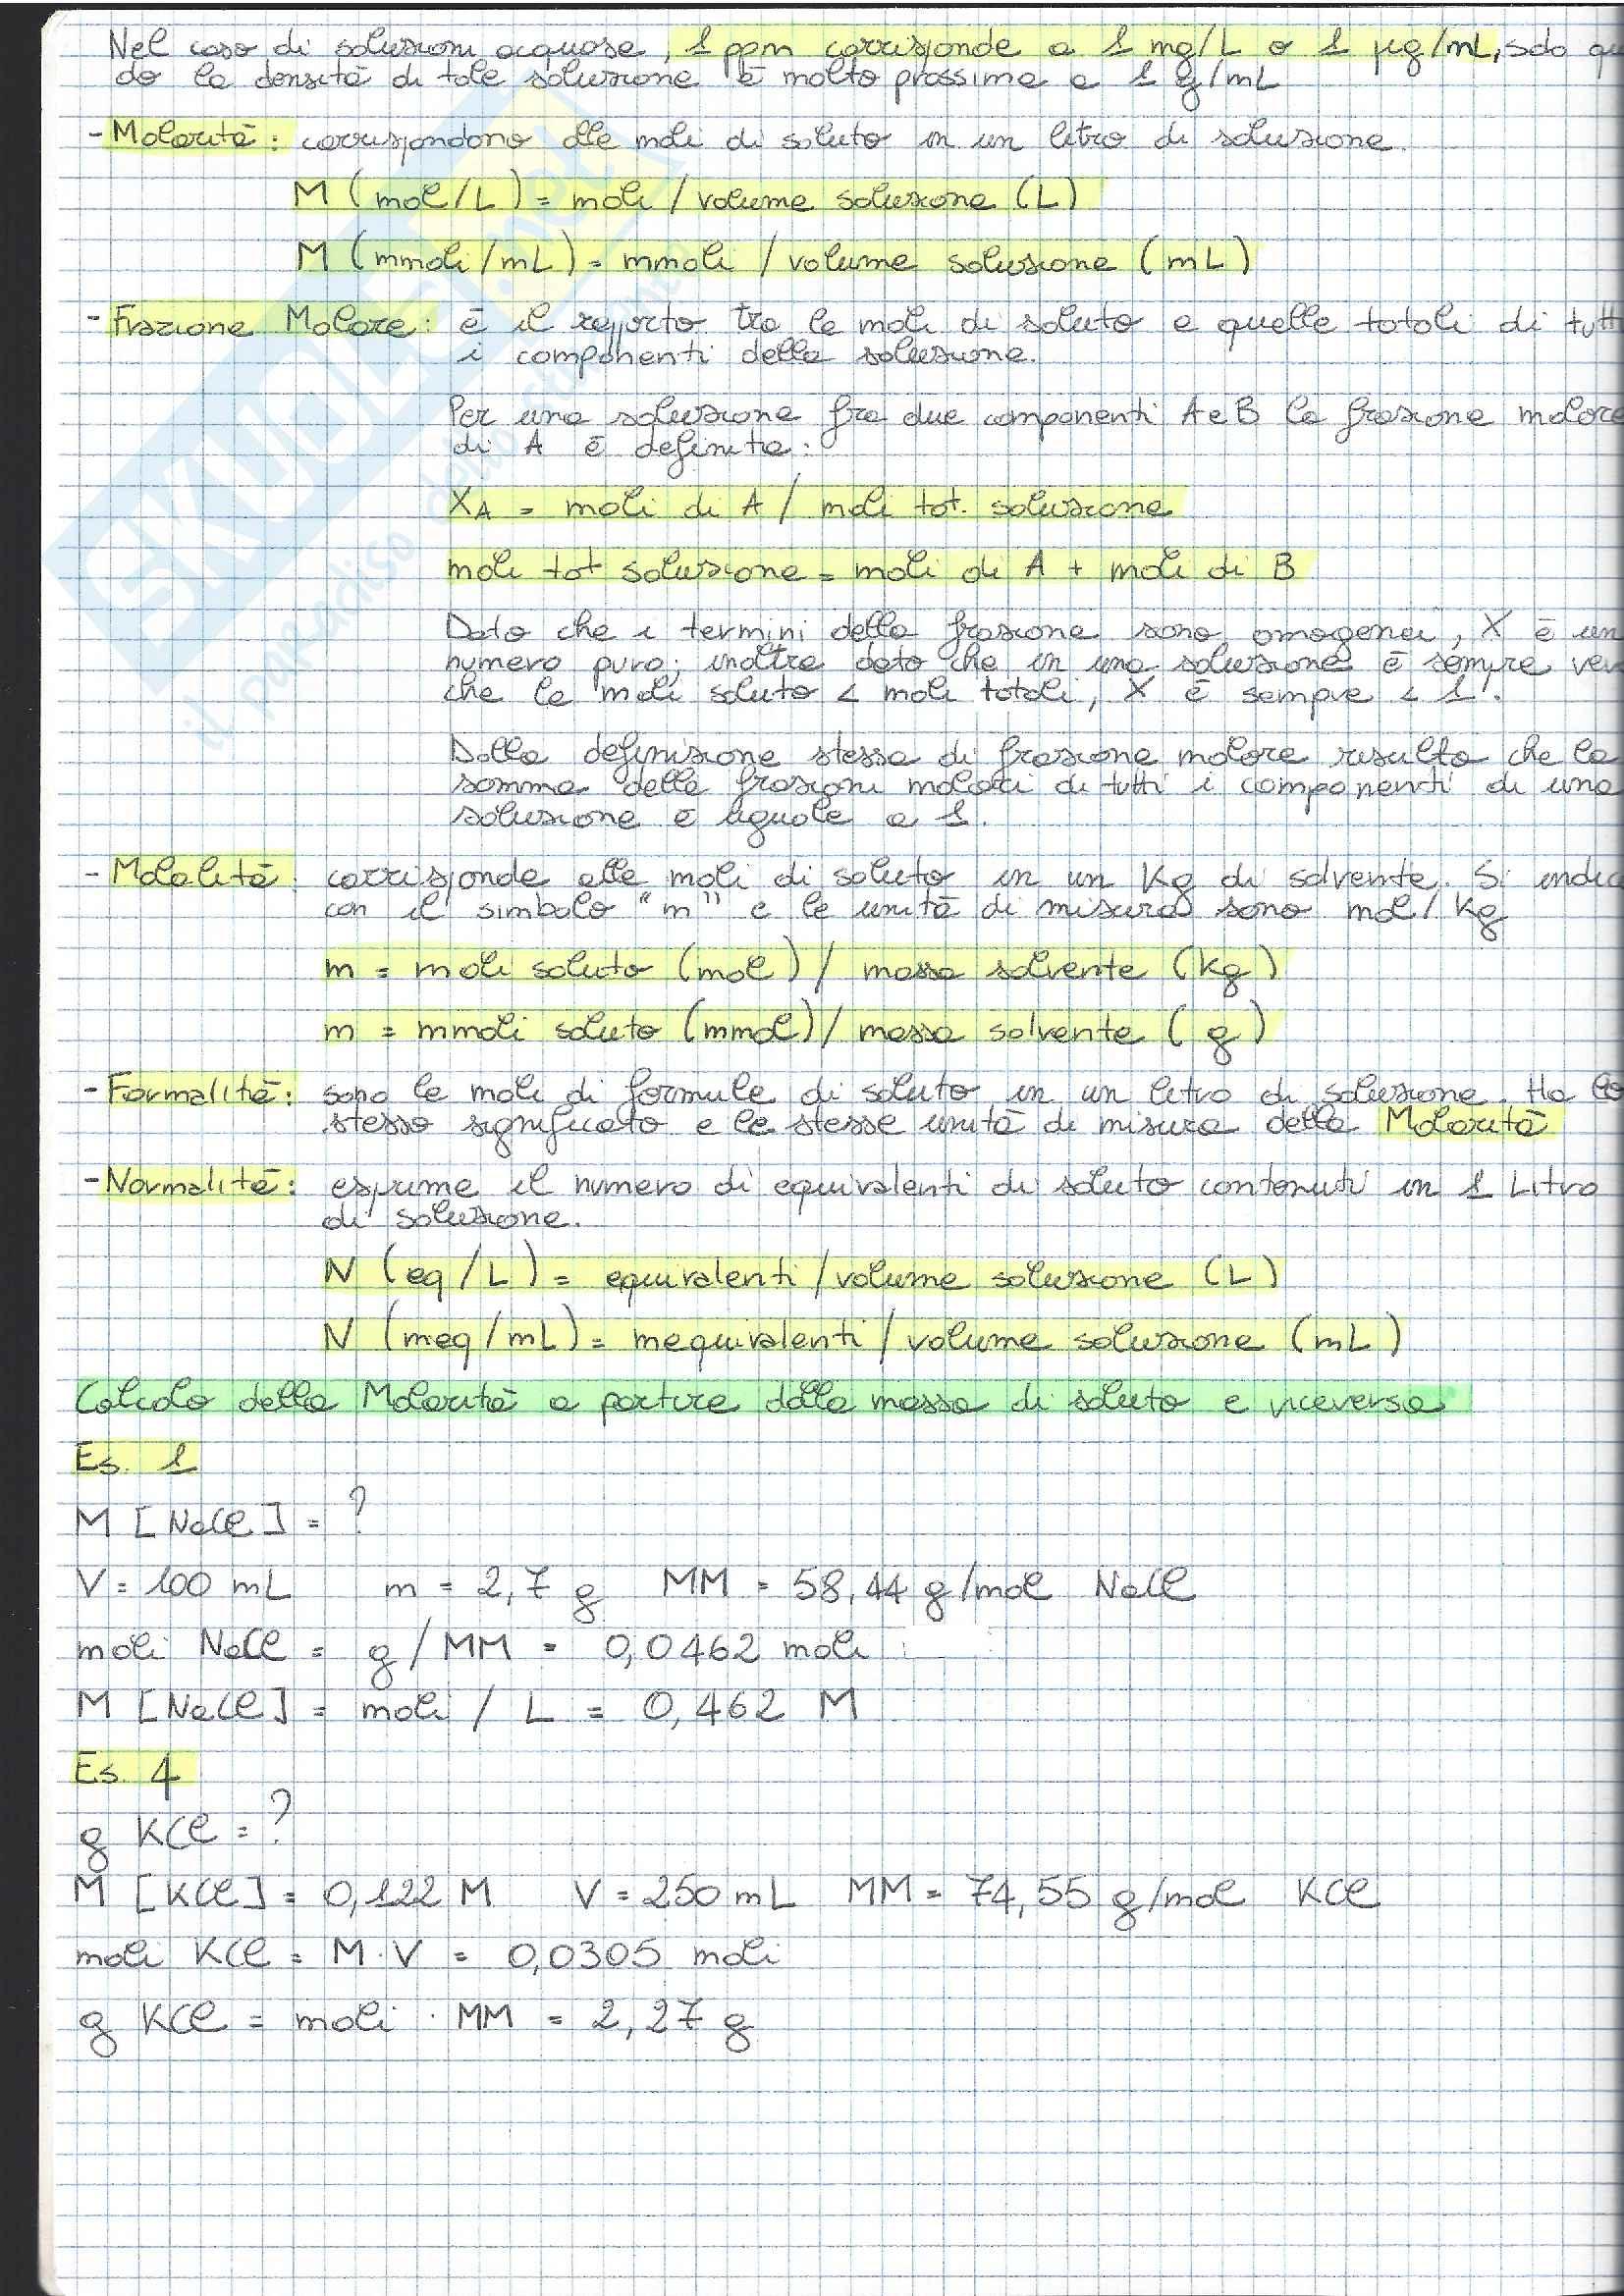 01 e 08 - Analisi Chimico Tossicologica 1 - Esercizi Pag. 2